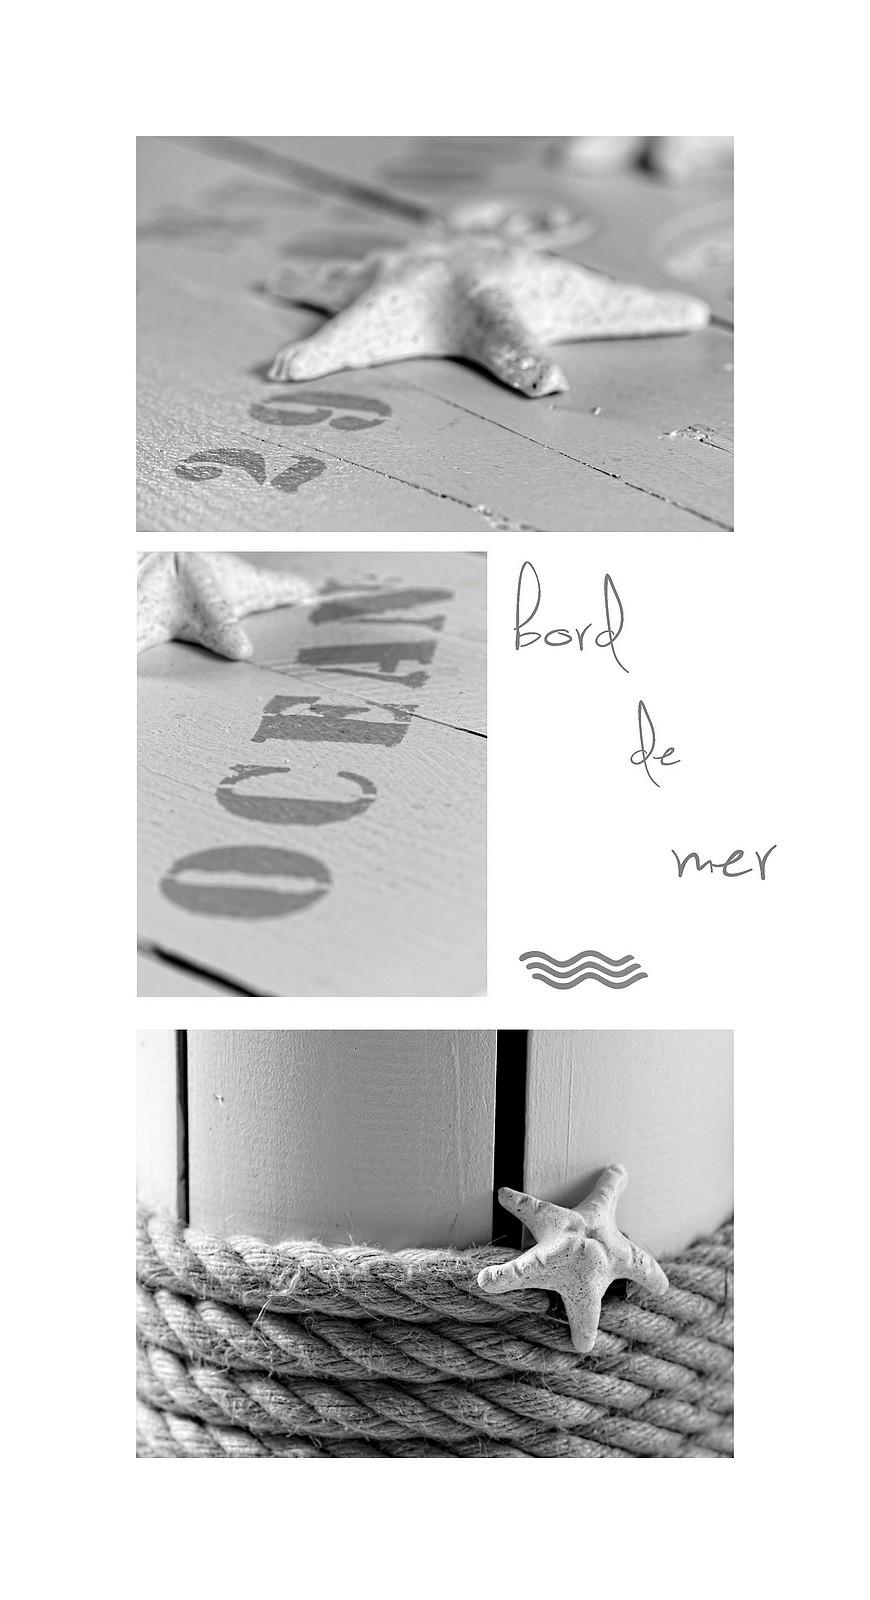 triptyque bdm, déco bord demer,touret décoré, création manuelle, noir & blanc, nature morte